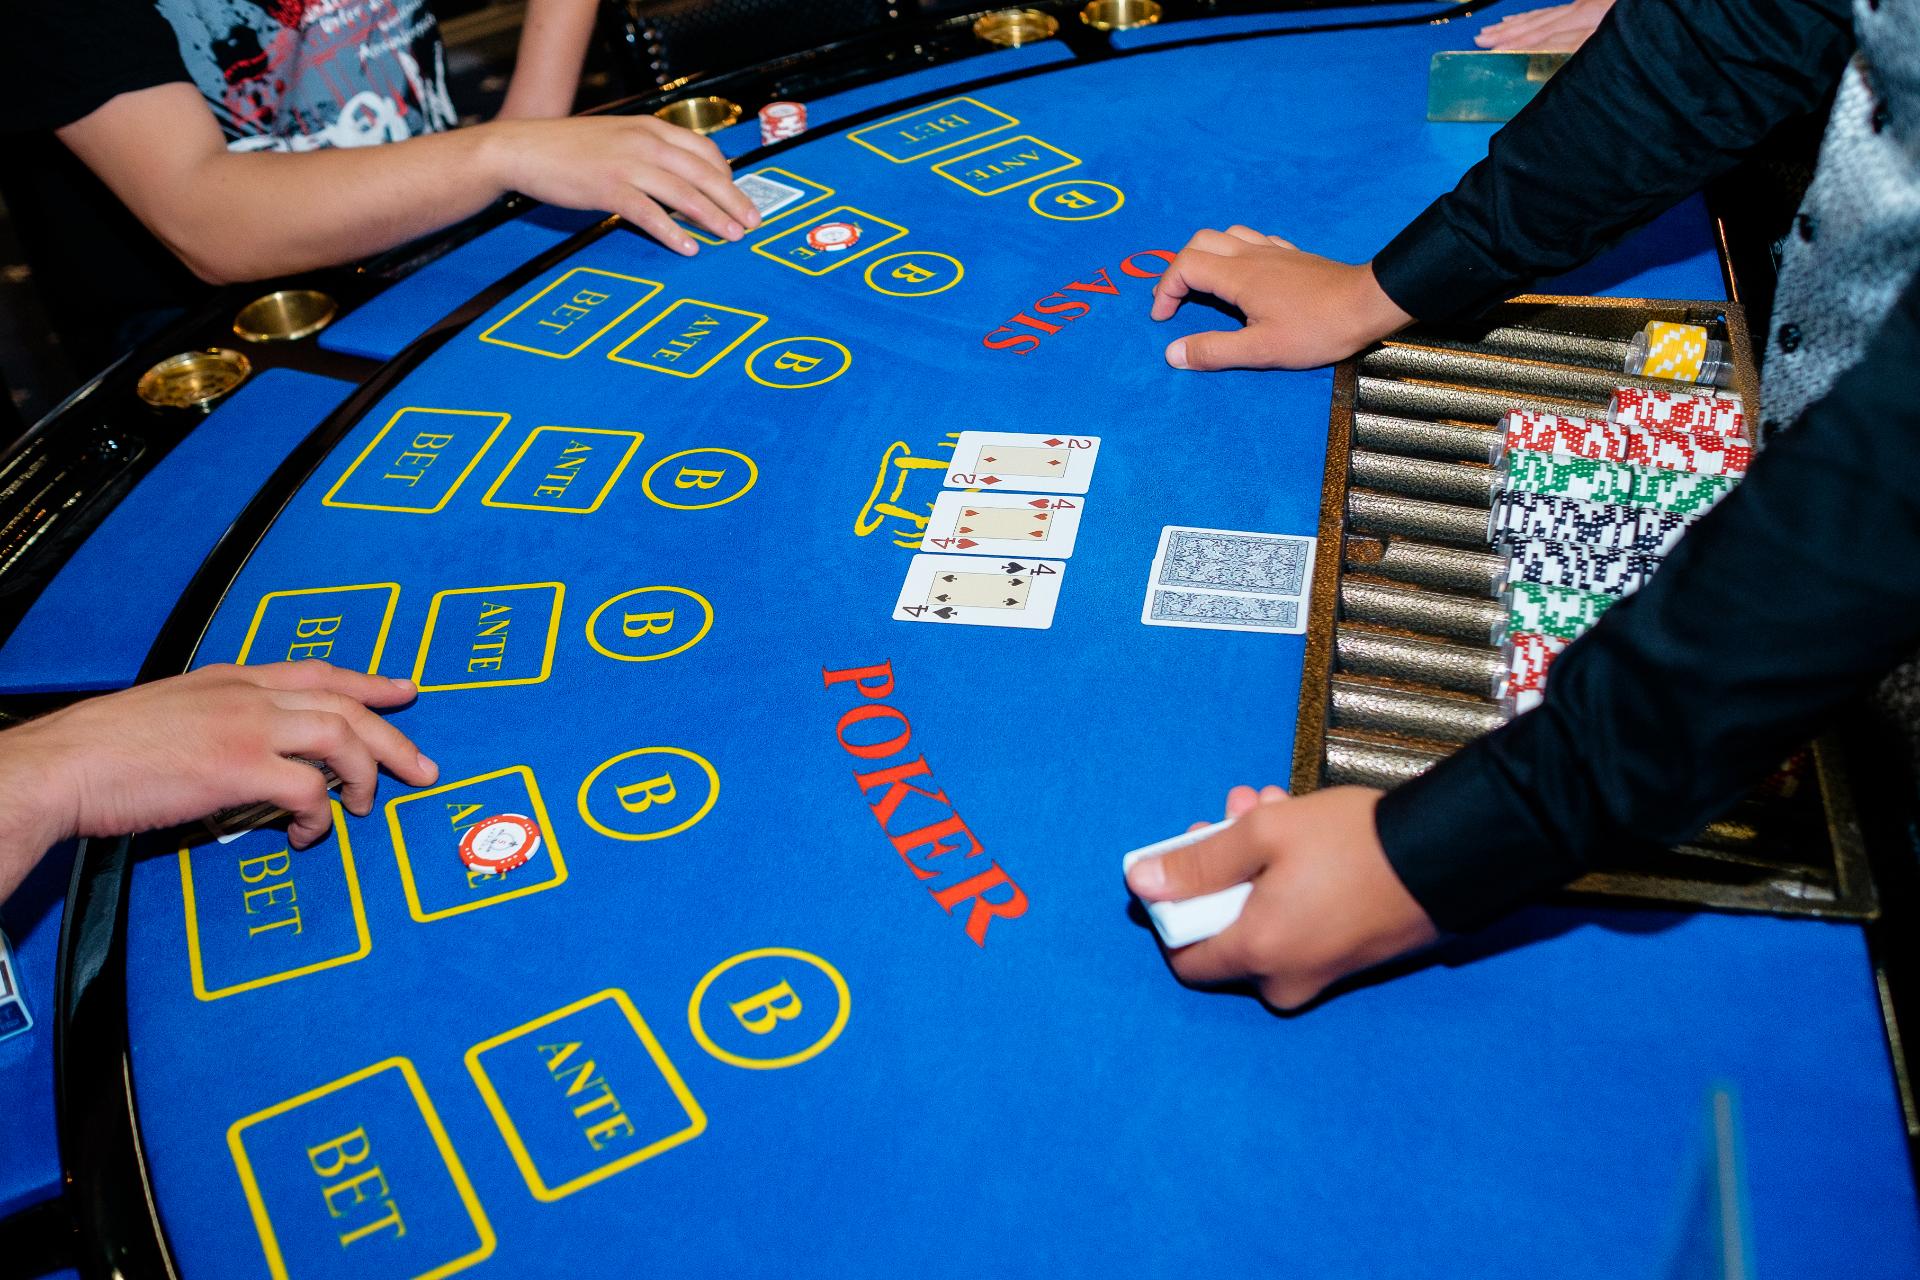 Турнир по покеру в казино реальные отзывы об онлайн казино